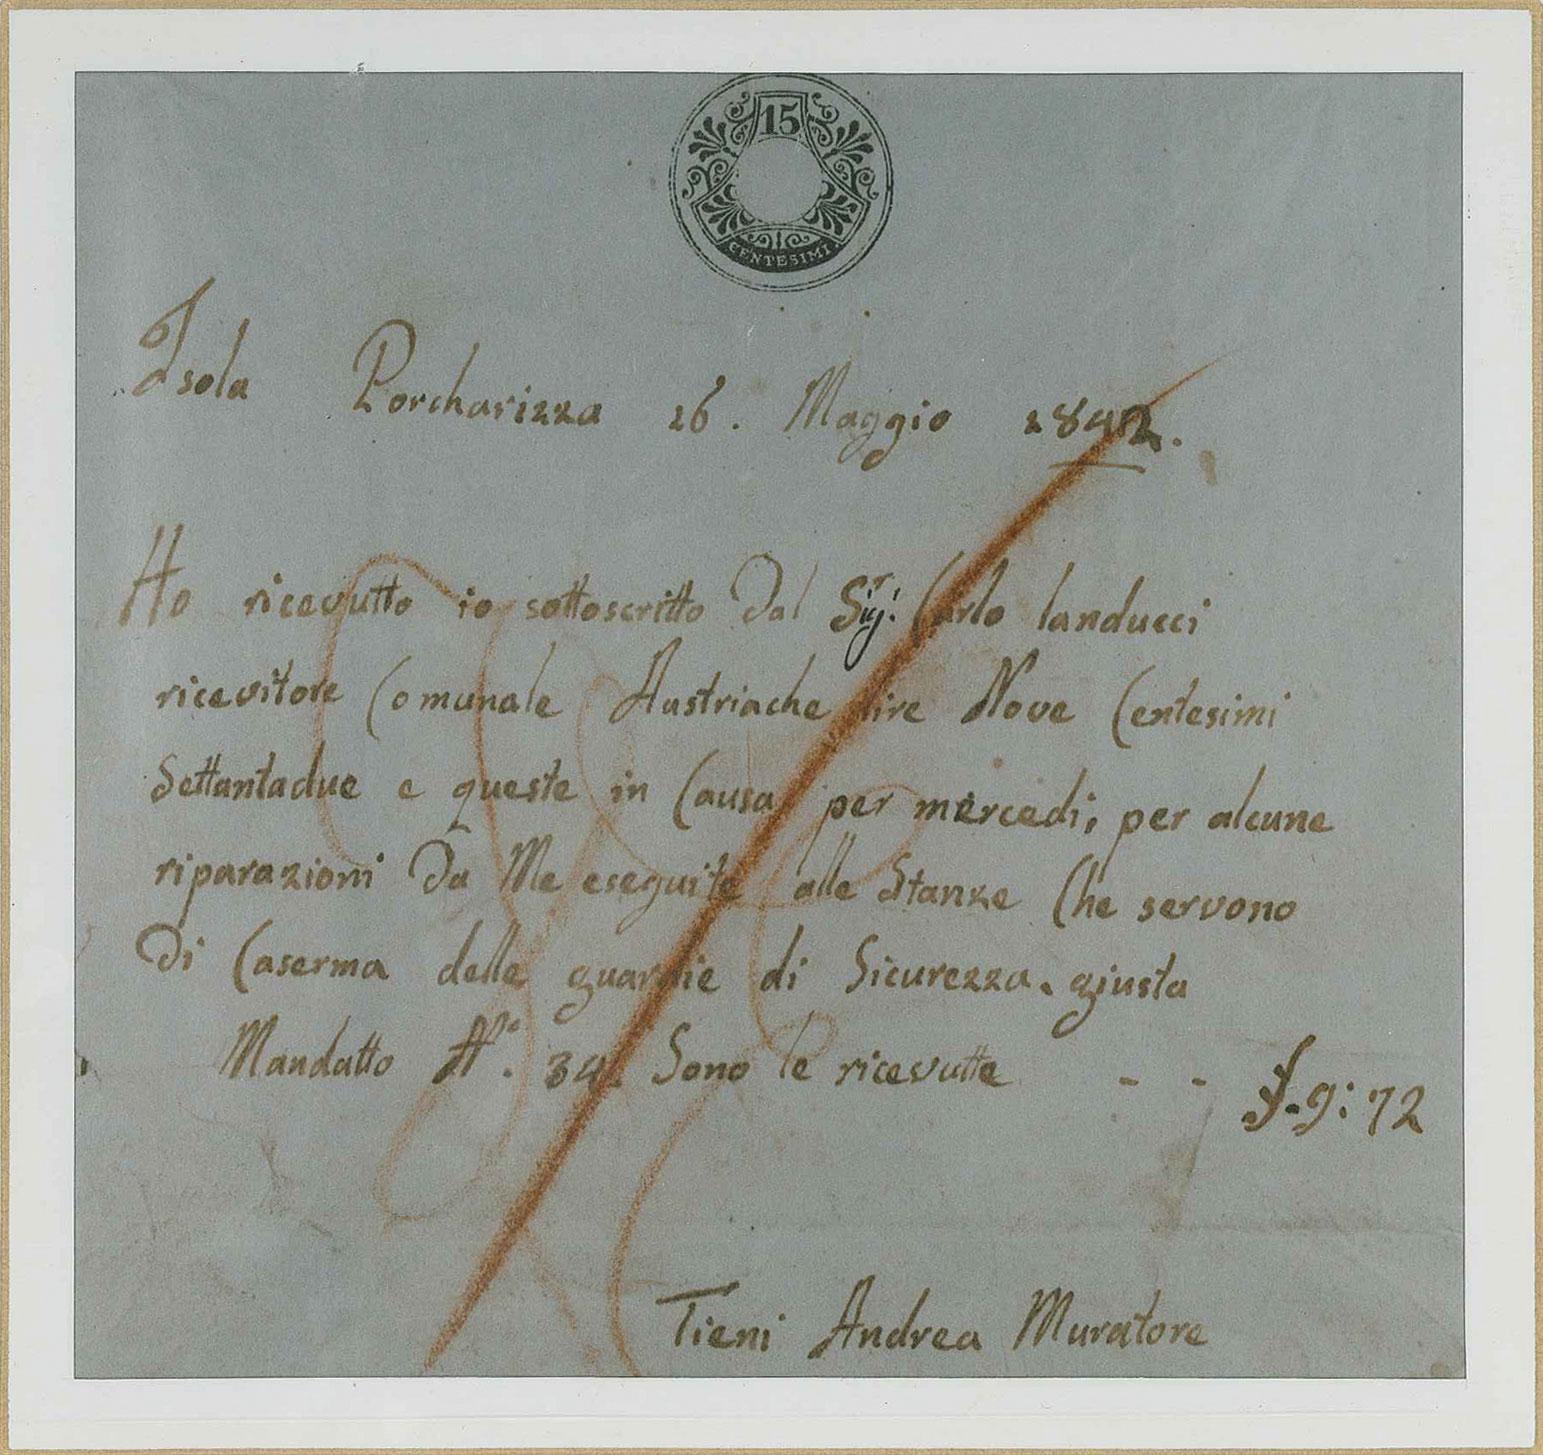 Costruzioni Tieni 1836 Srl | Ricevuta Tieni Andrea Muratore datata 1842